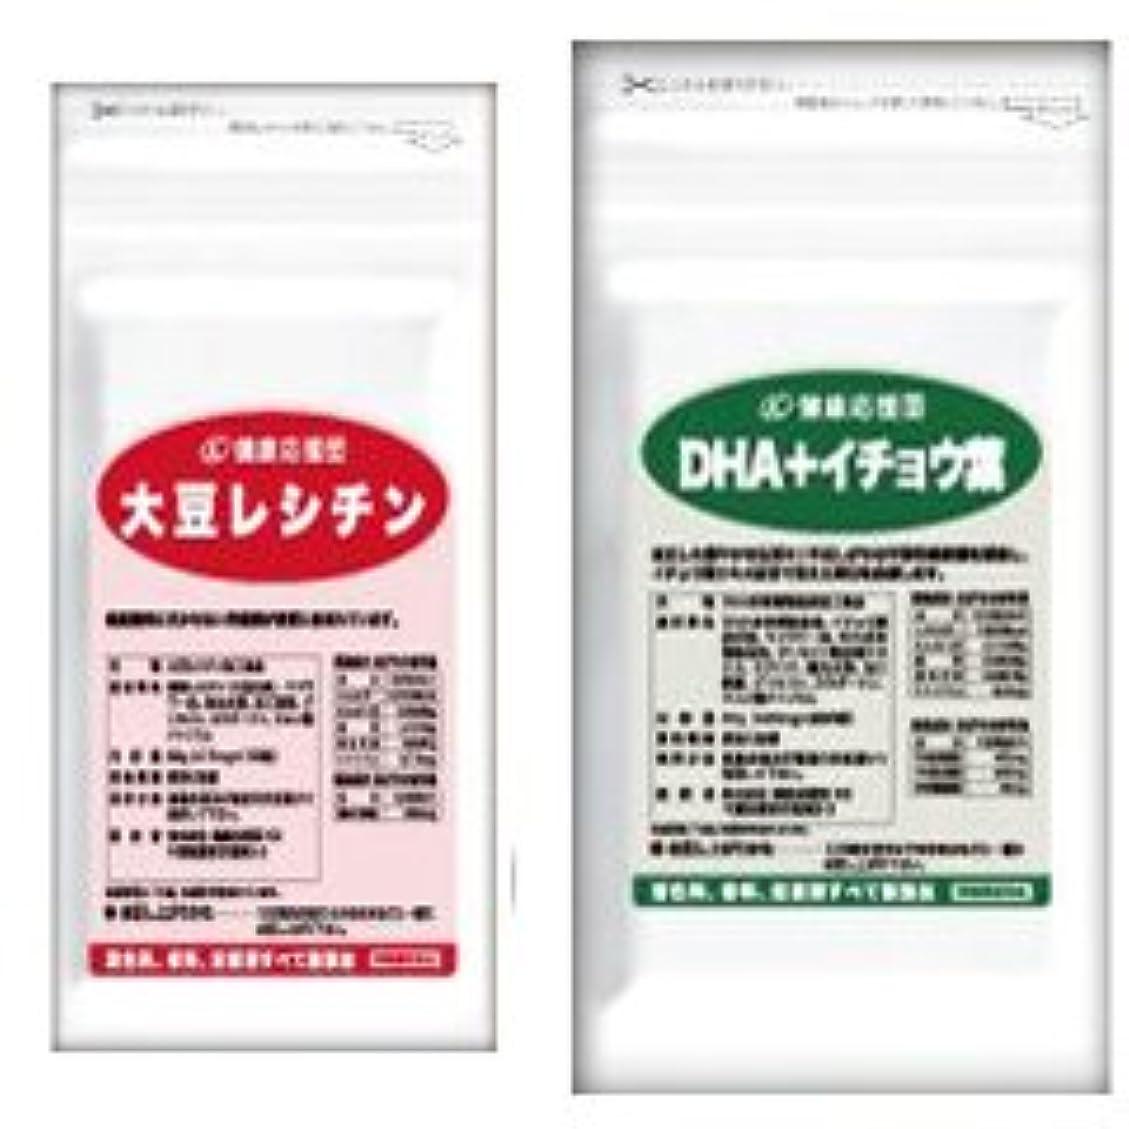 細胞環境に優しい感情の流れサラサラセット 大豆レシチン+(DHA?EPA+イチョウ葉) お徳用12か月分